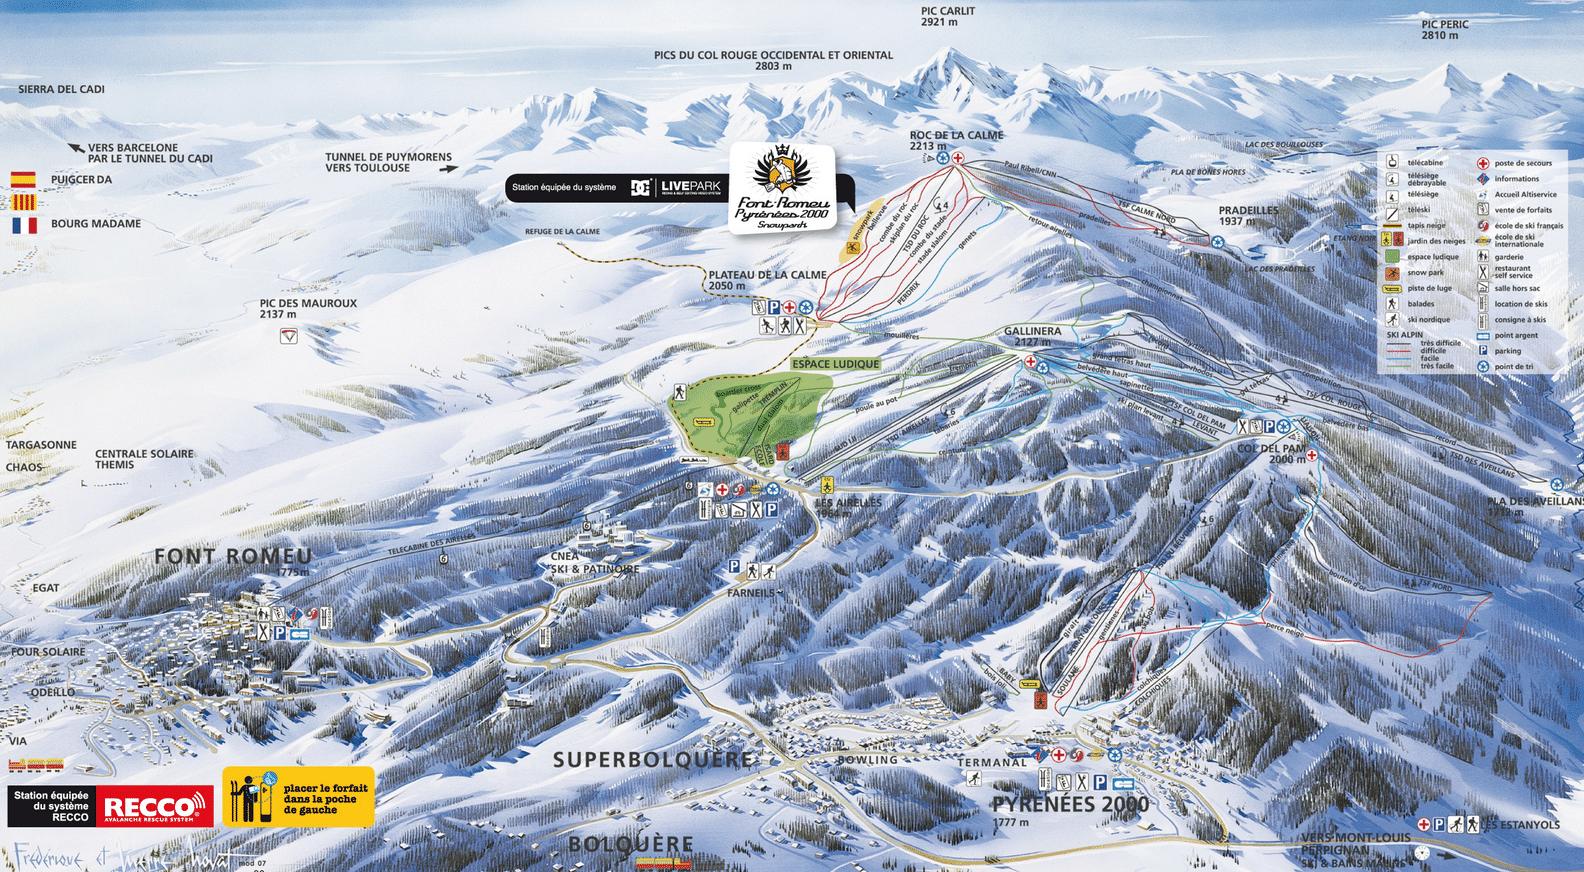 Fond Romeu - Plan des pistes de ski alpin